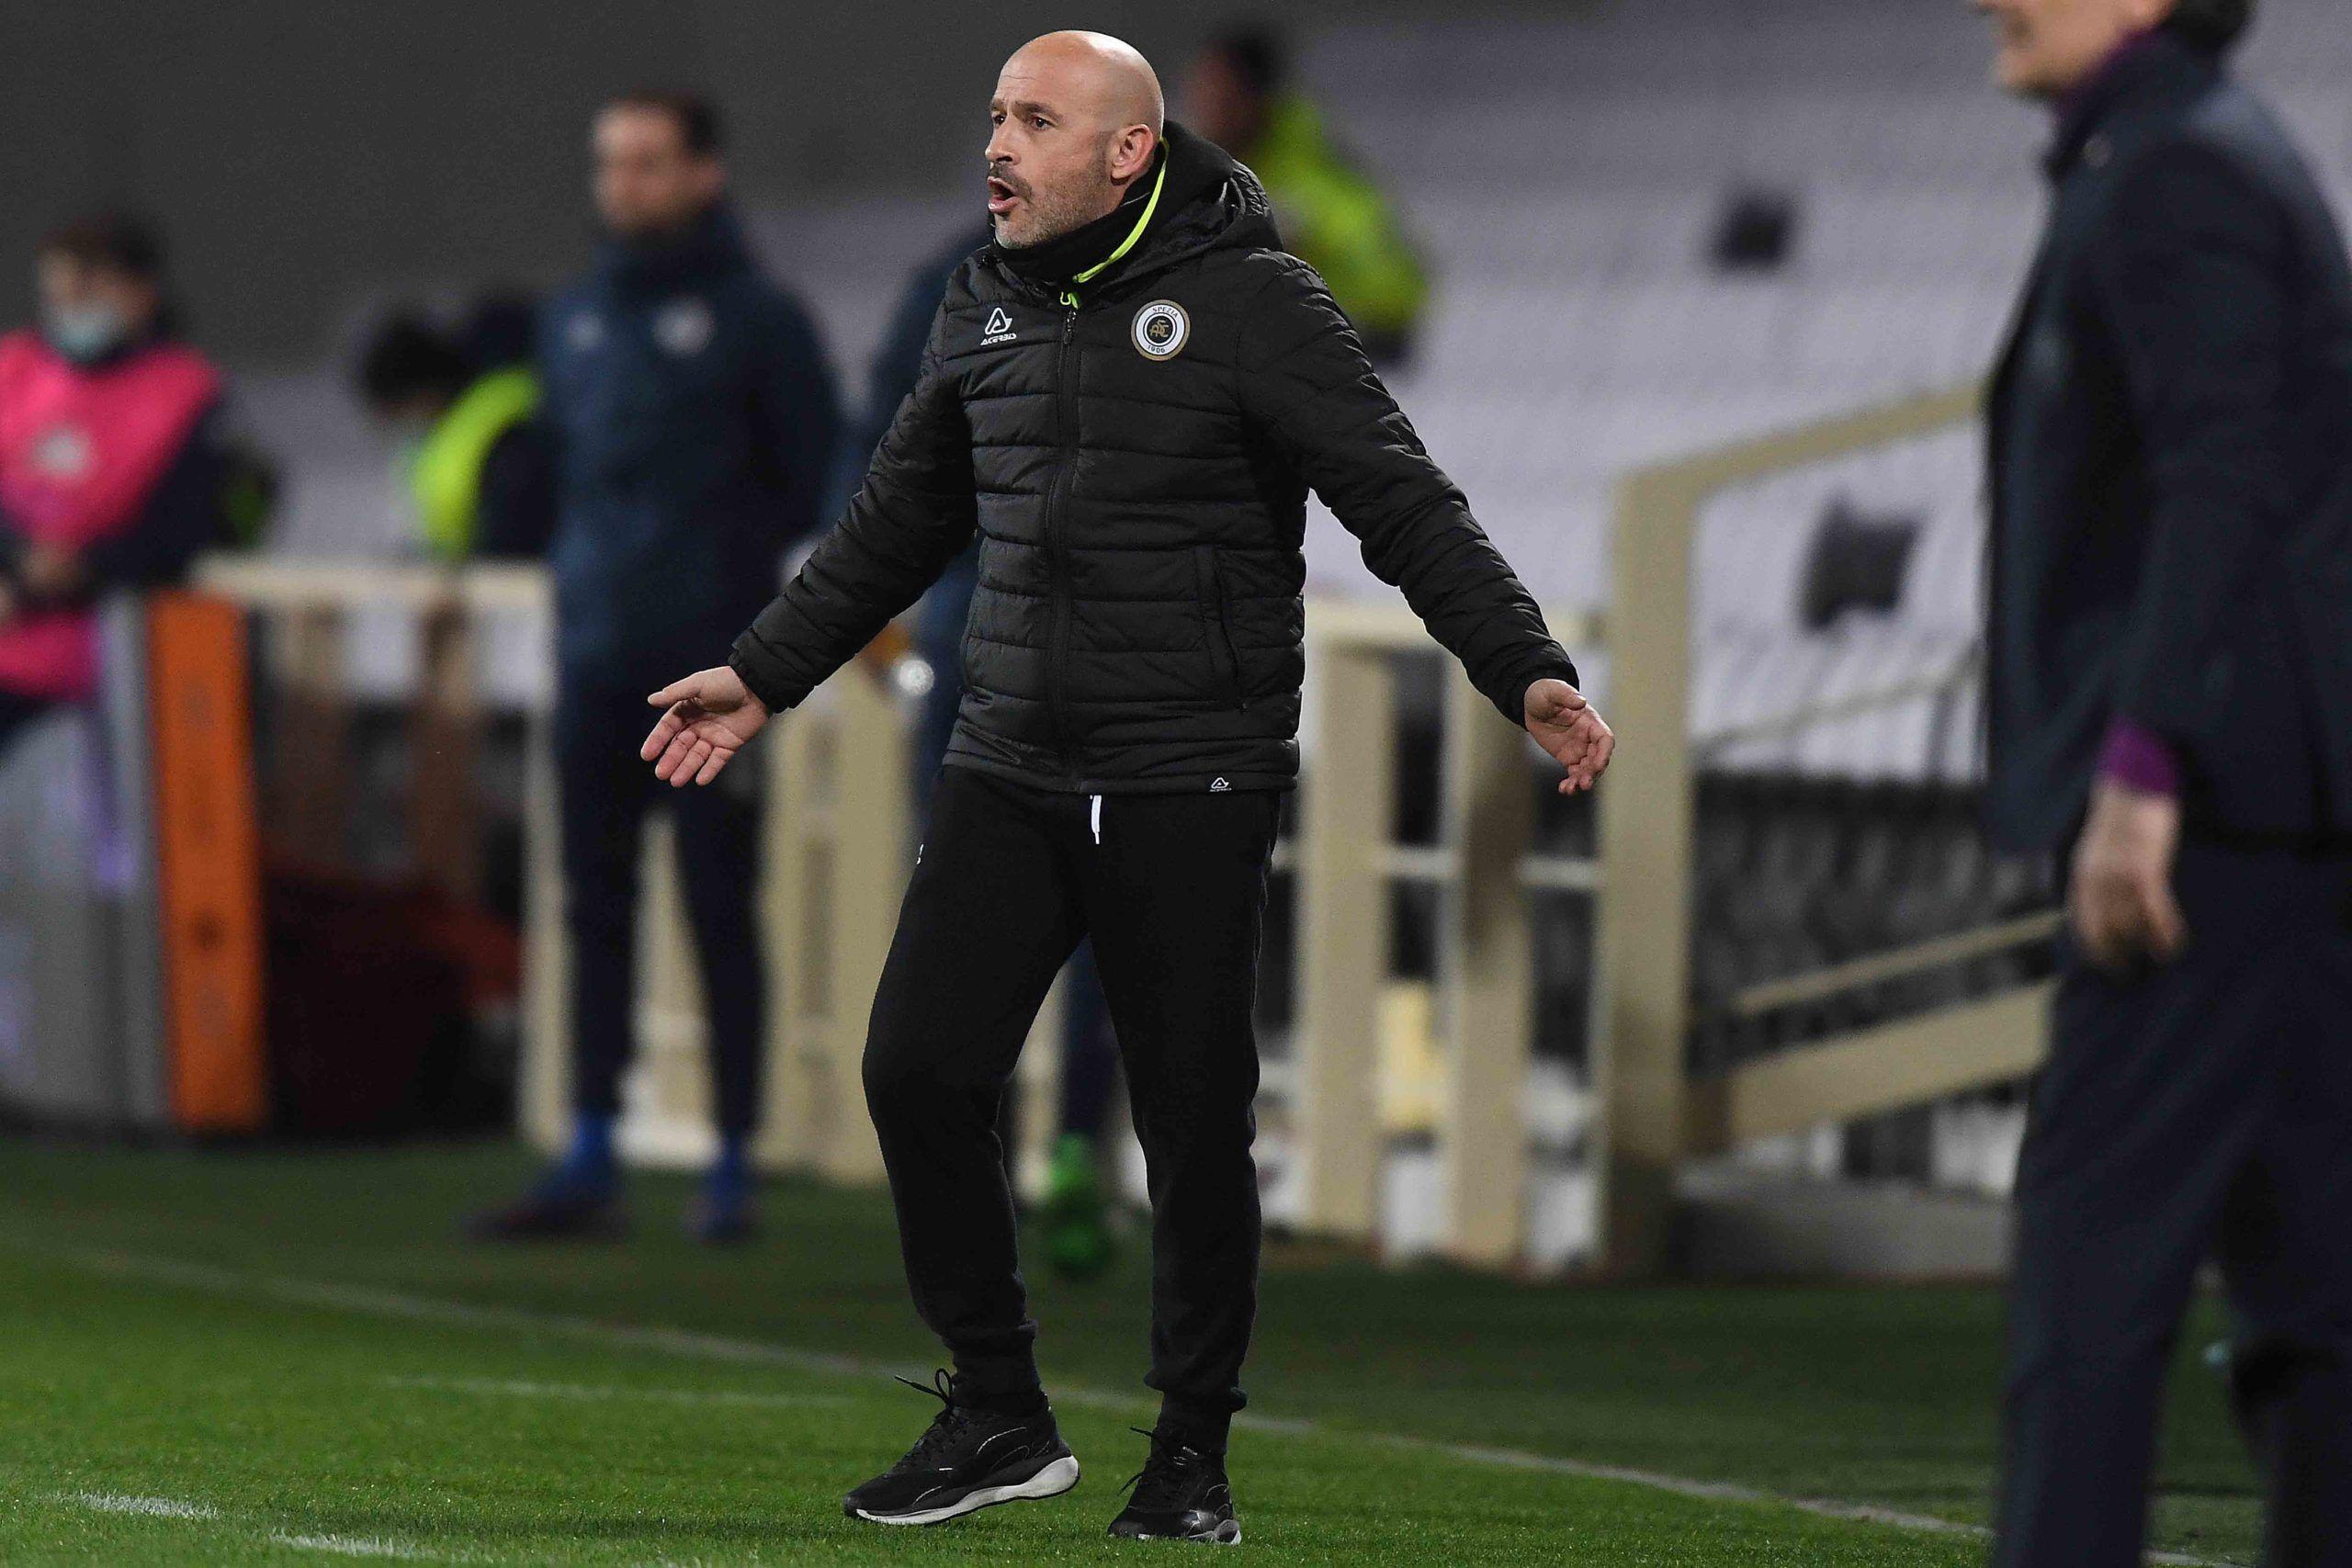 Ufficiale: Italiano è il nuovo allenatore della Fiorentina ...